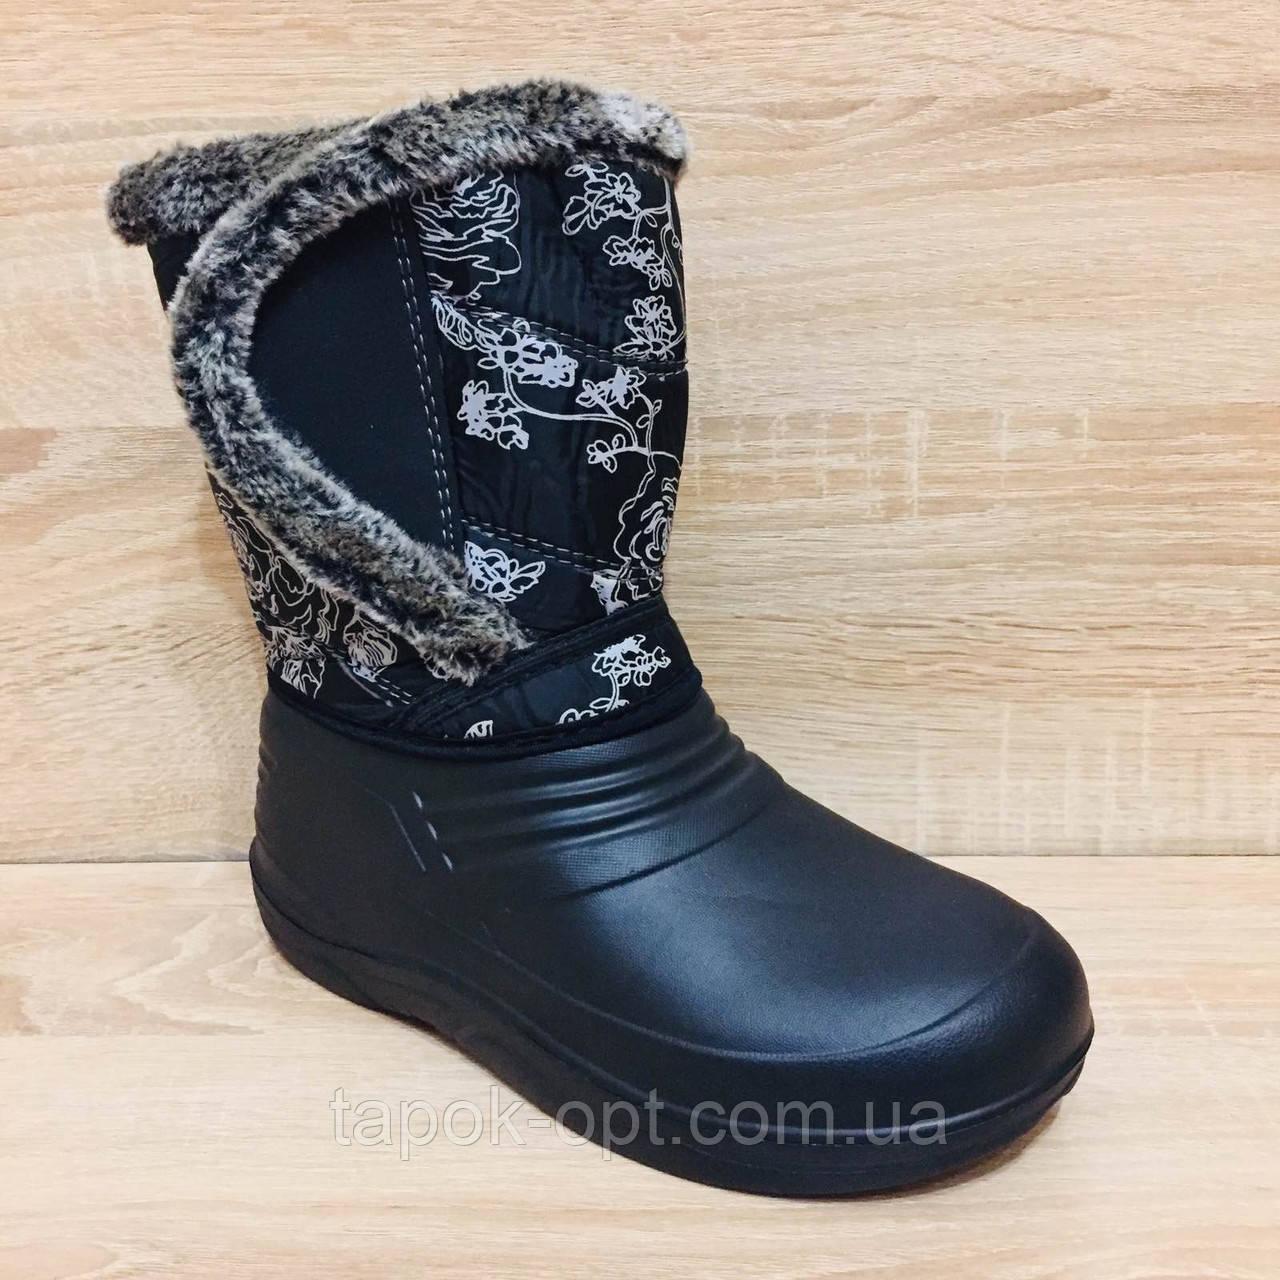 Дитячі зимові чобітки ДАГО